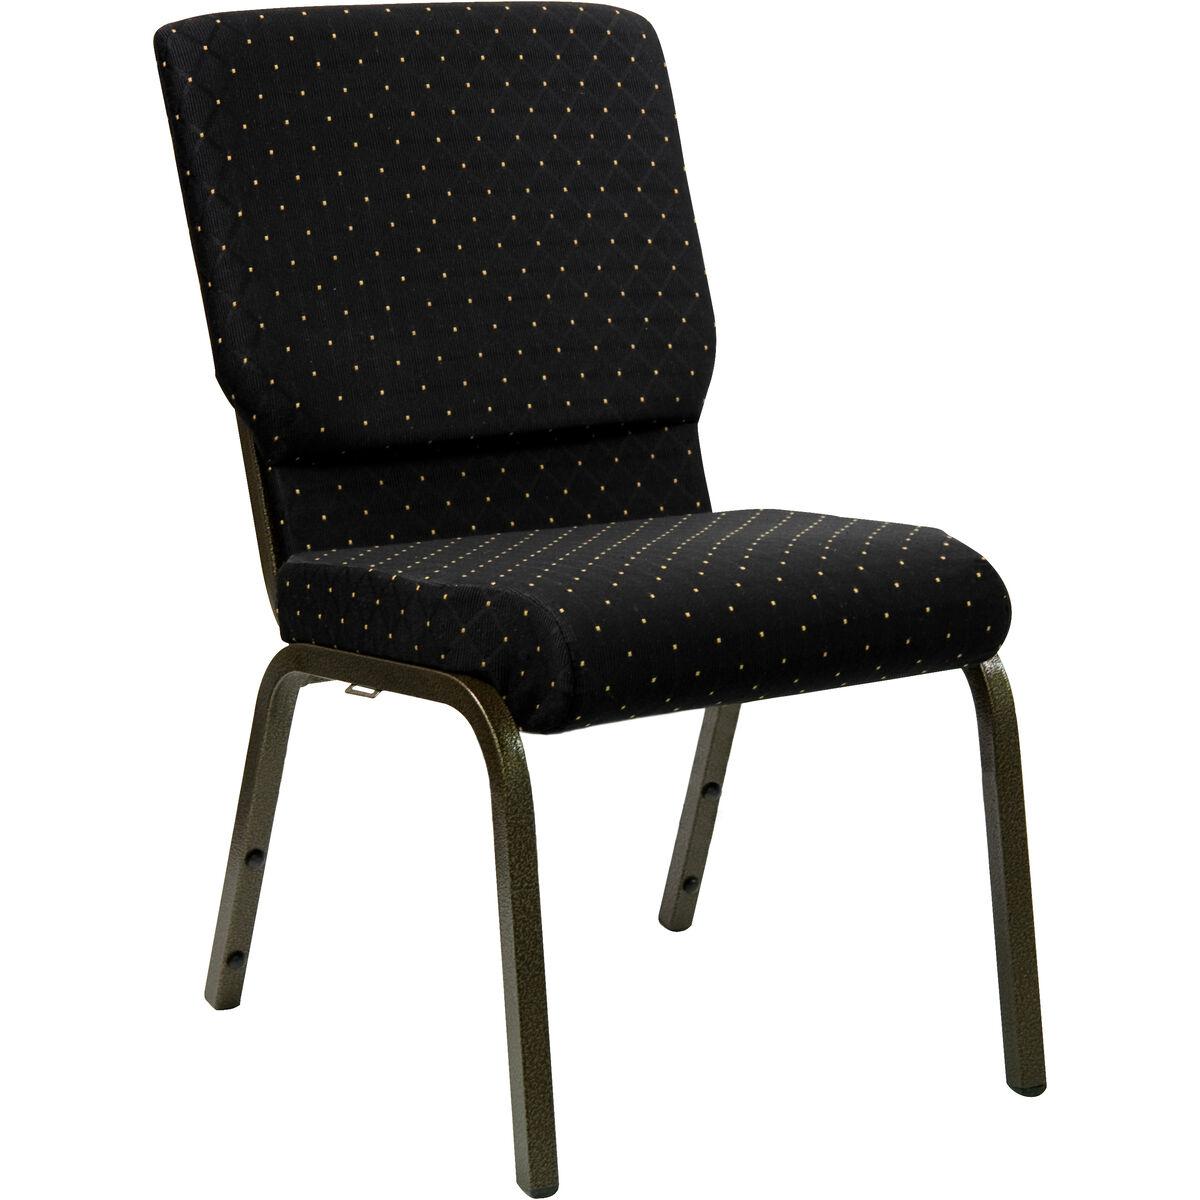 black dot fabric church chair xu ch 60096 bk gg stackchairs4less com